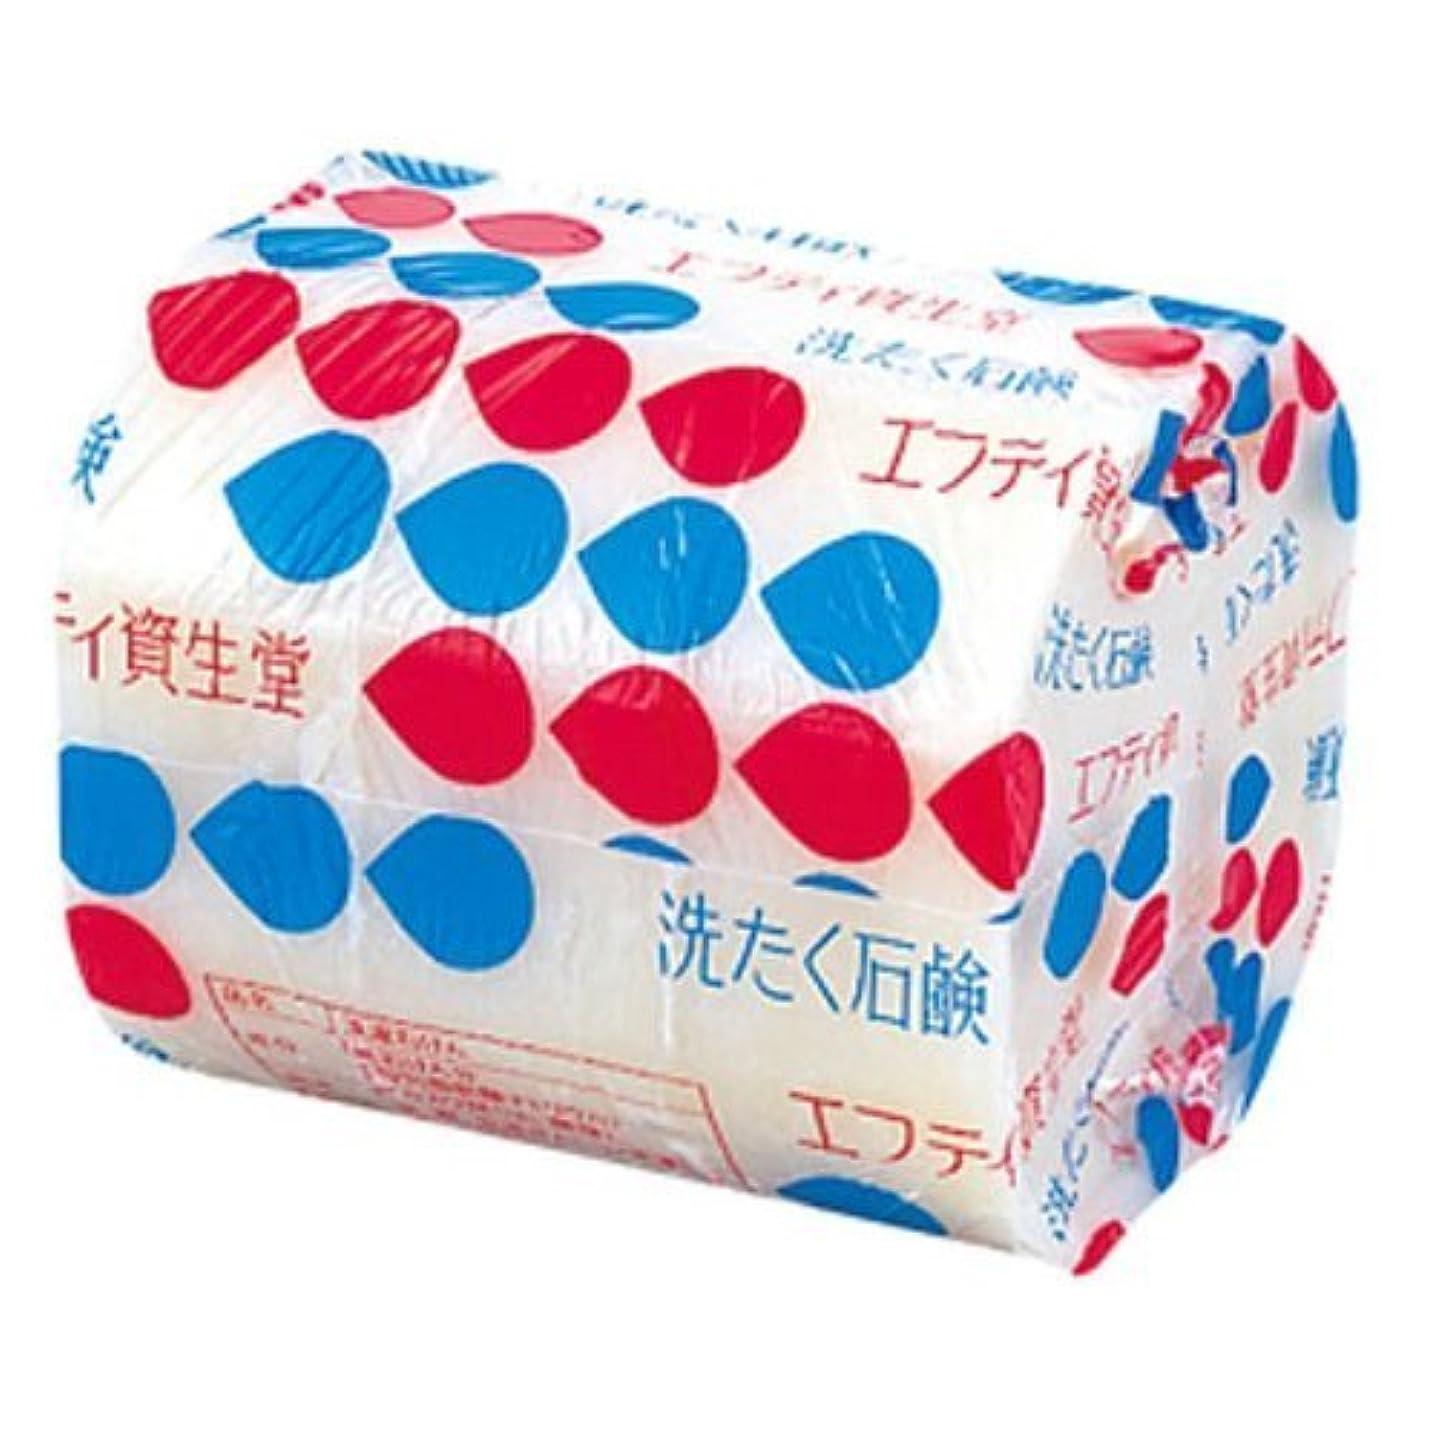 後ろに穀物忠実【資生堂】エフティ資生堂洗たく石鹸花椿型3コパック200g